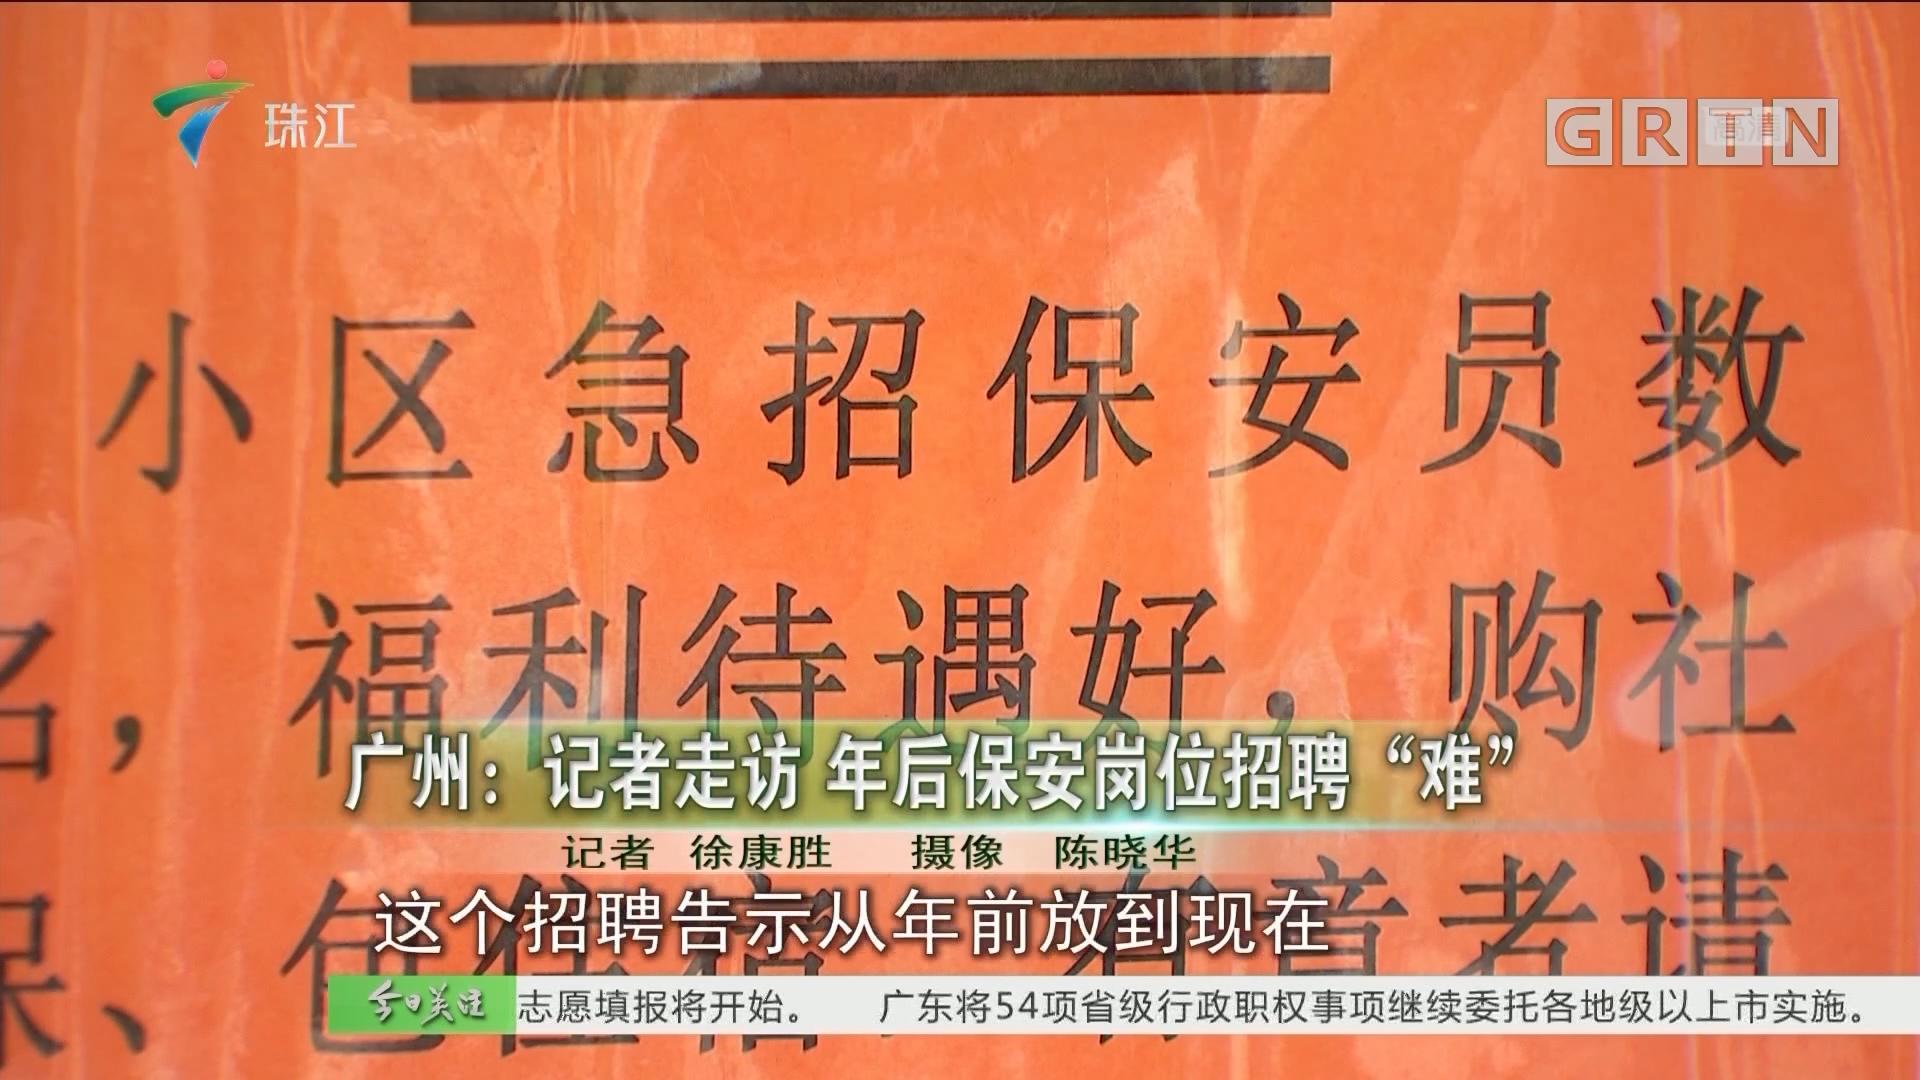 """广州:记者走访 年后保安岗位招聘""""难"""""""